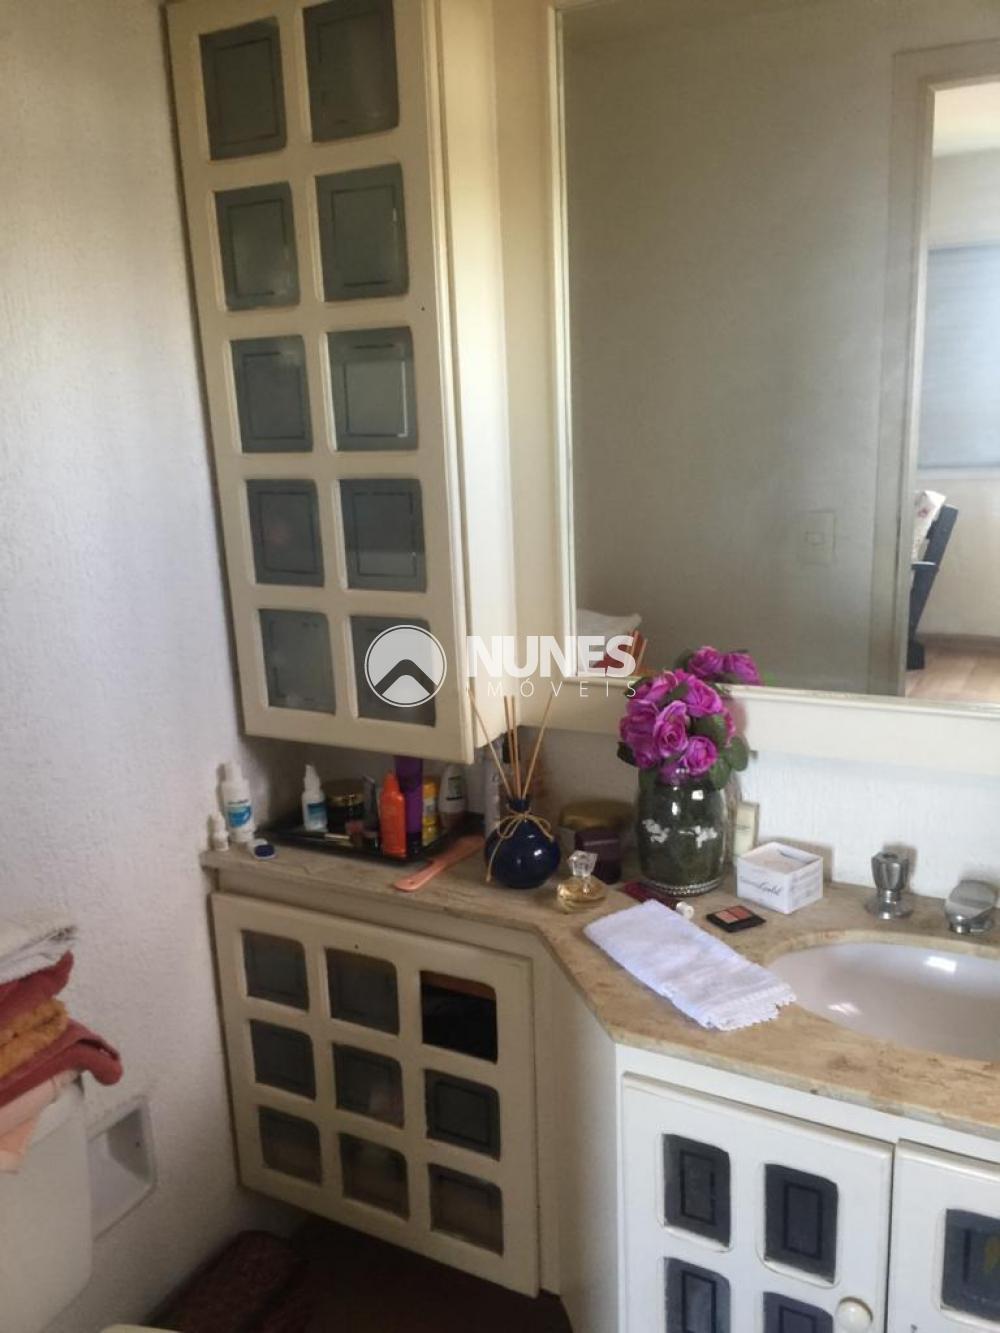 Comprar Apartamento / Padrão em São Paulo apenas R$ 700.000,00 - Foto 6